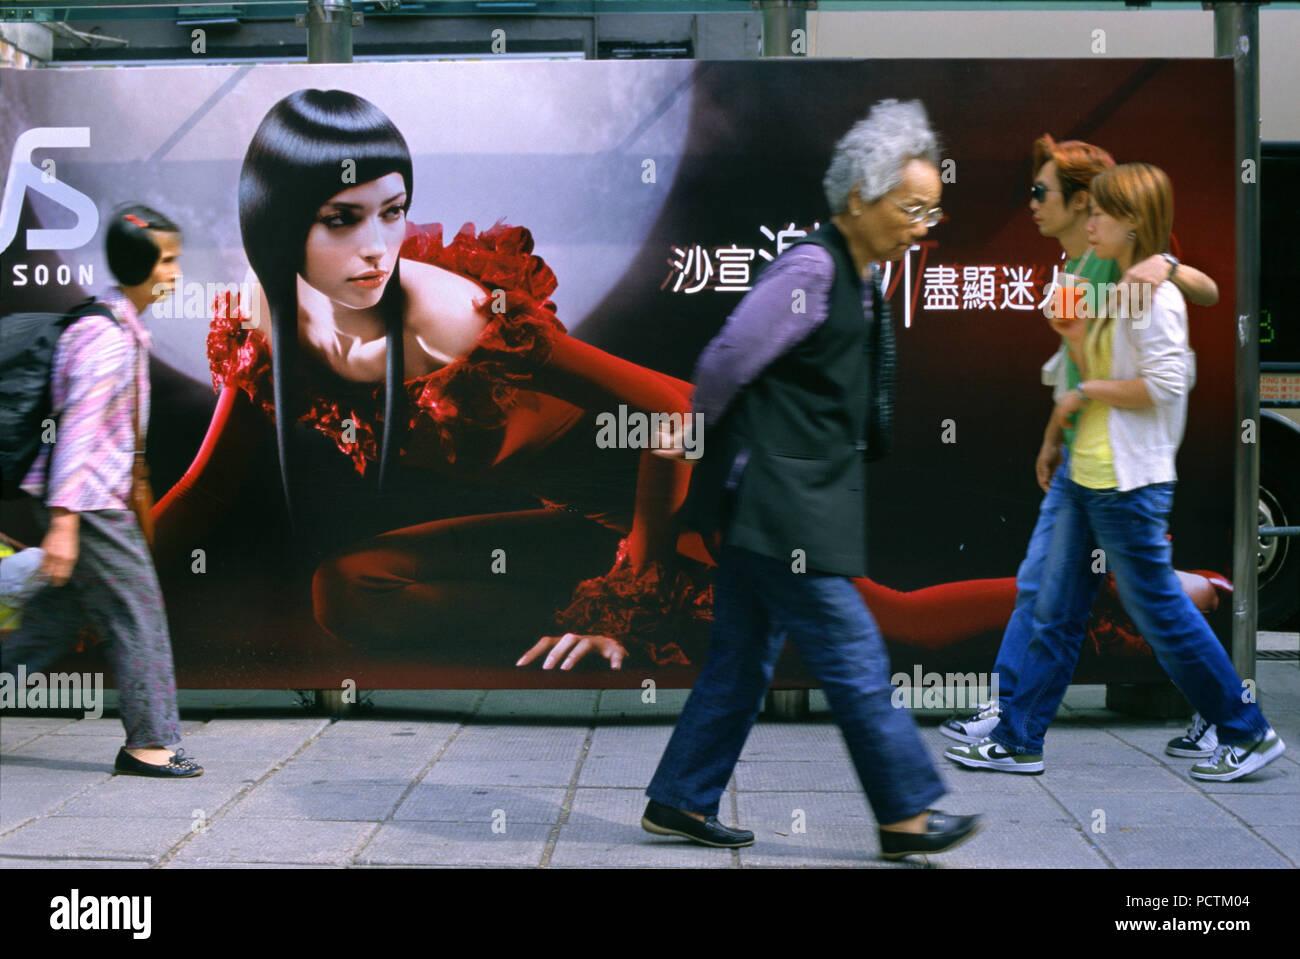 Street scene in Kowloon, Nathan Road, Hongkong, China, Asia - Stock Image